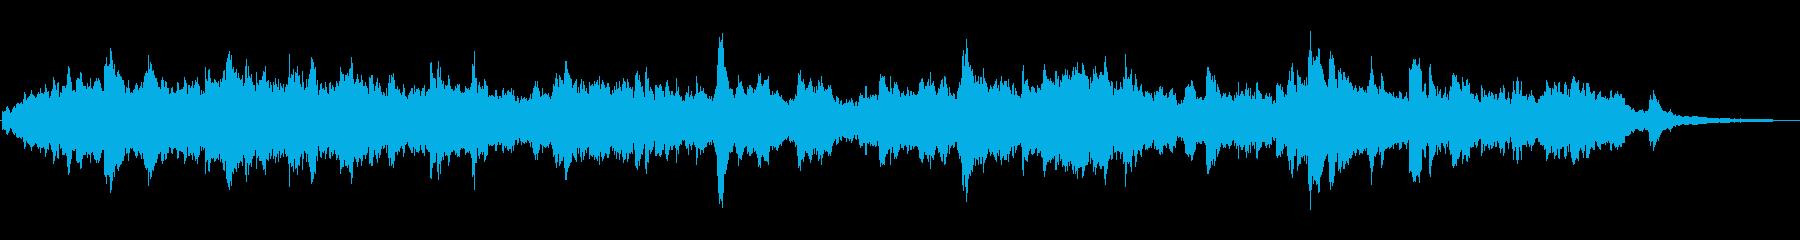 ドラマしっとり感動シーンオーケストラの再生済みの波形